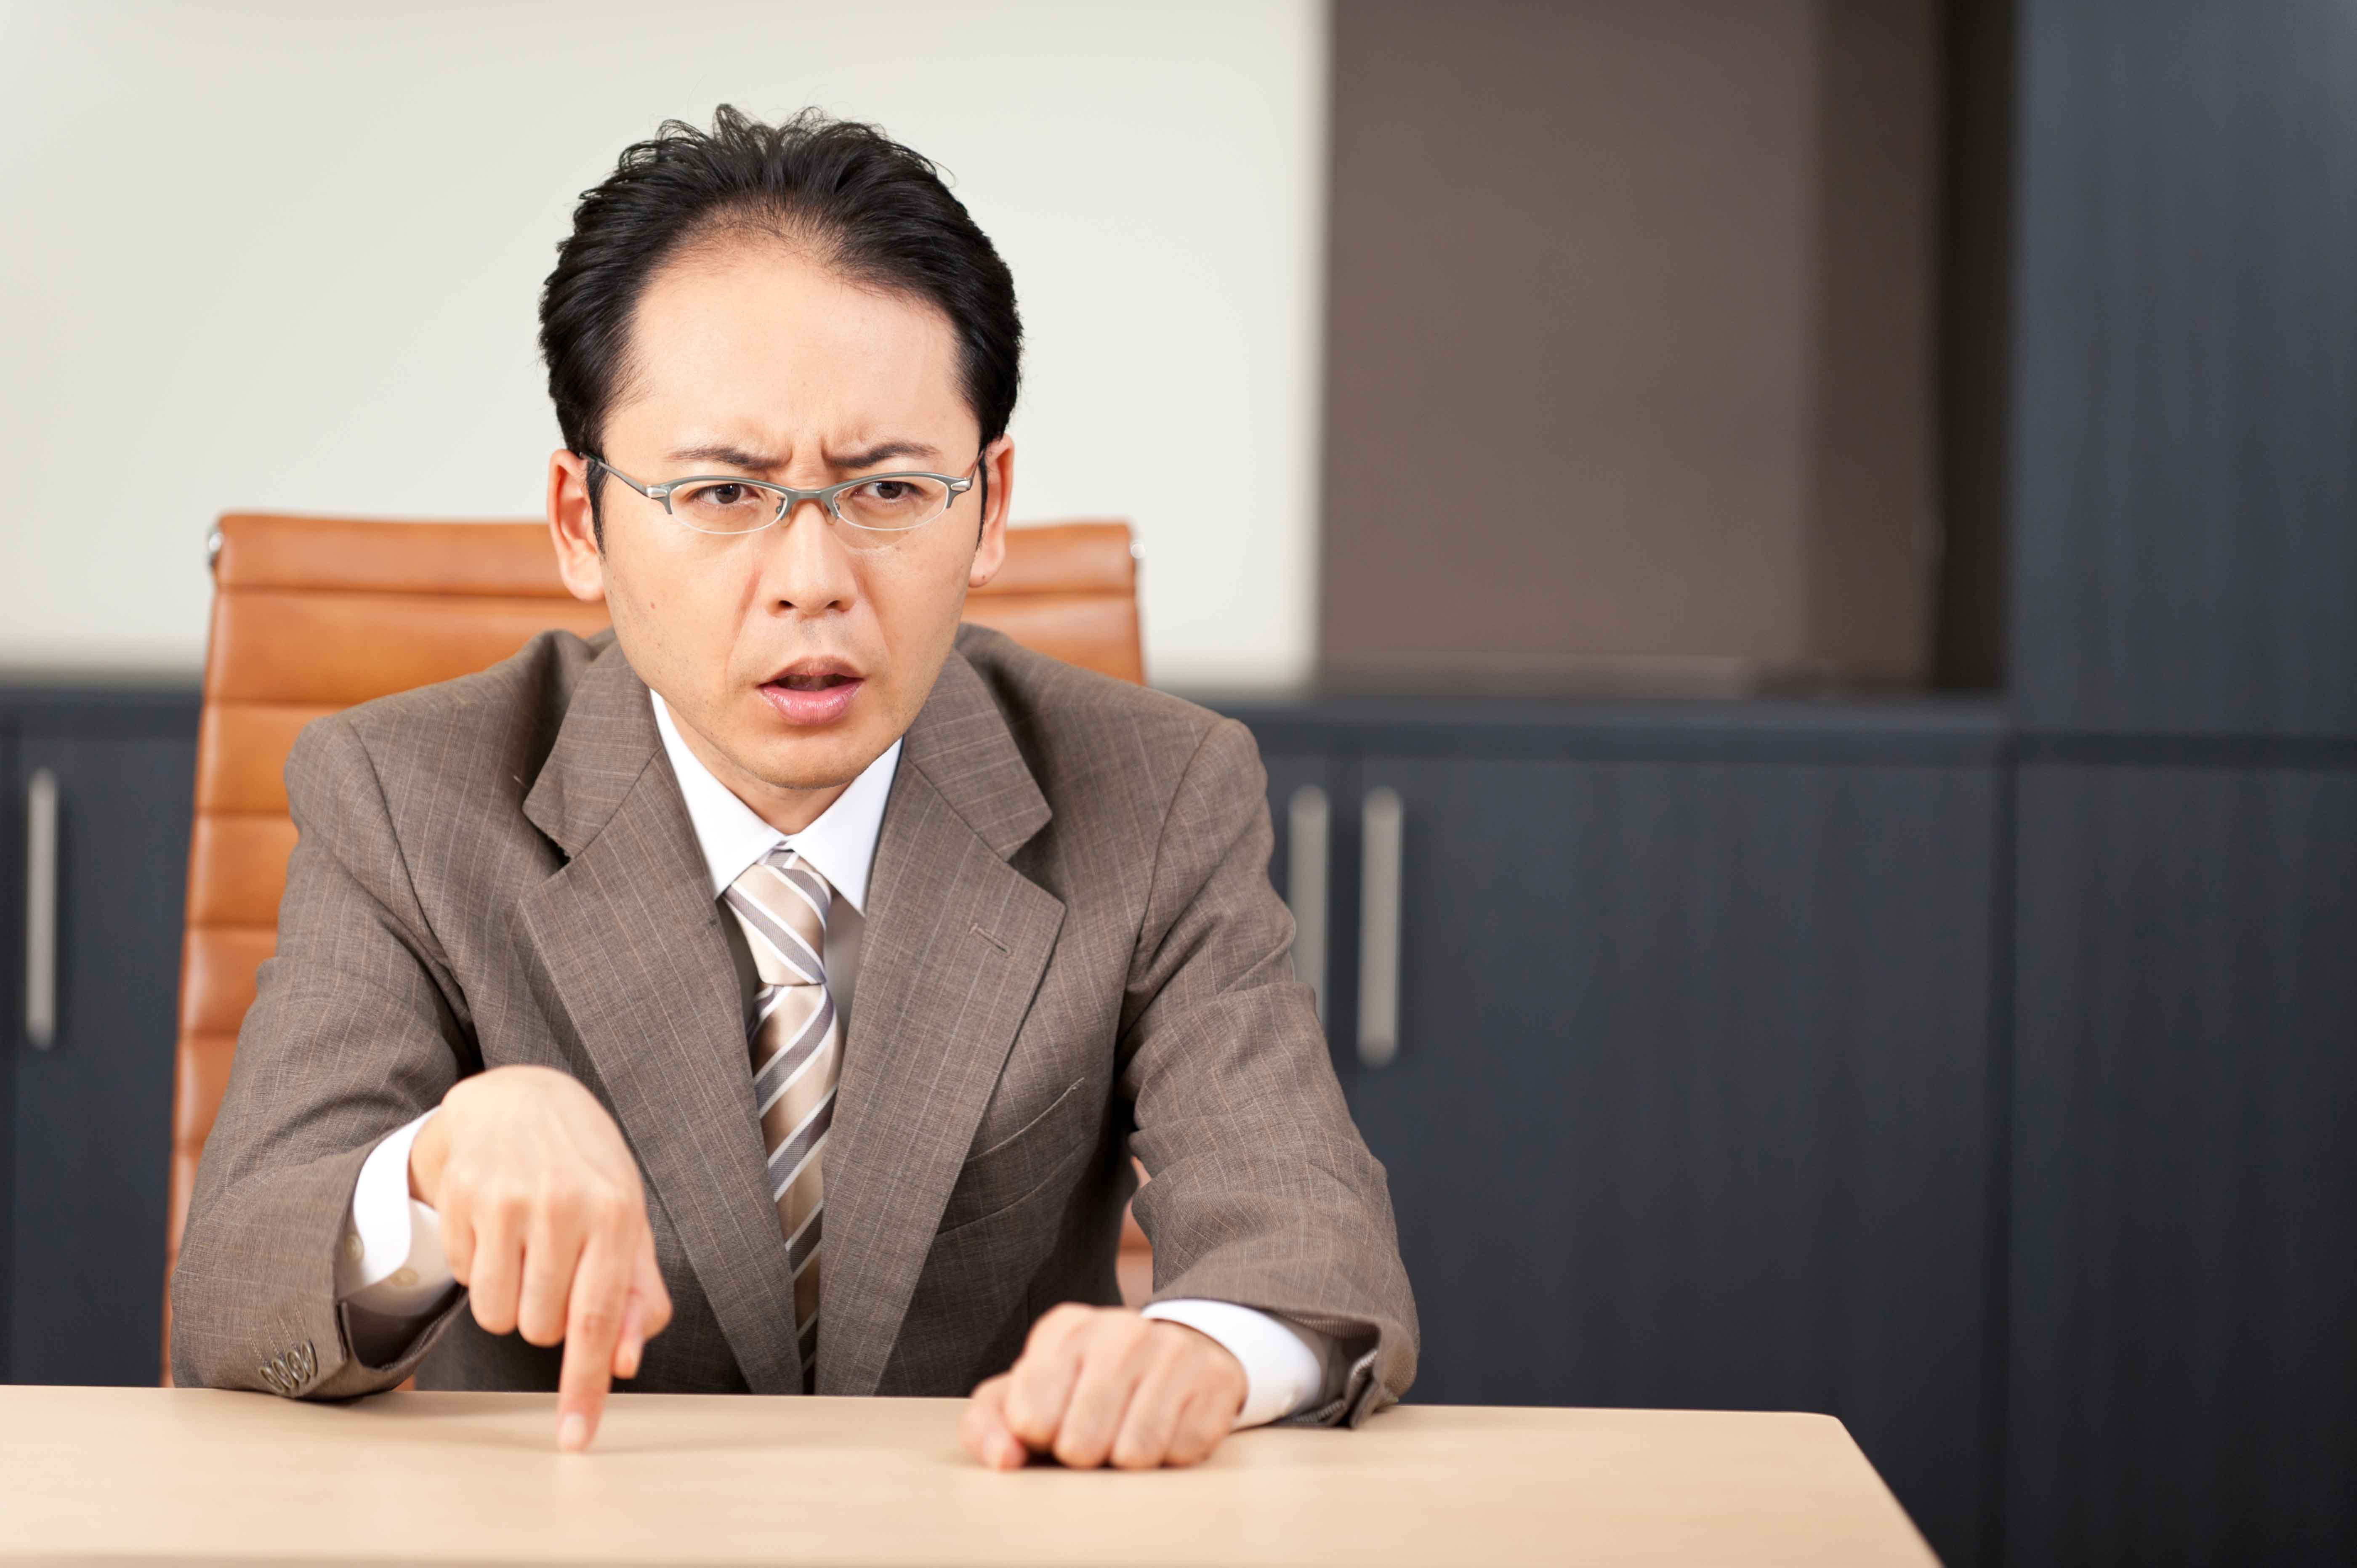 噂話好きのお局にパワハラ上司 職場で「怖い」と思ってしまう人の特徴4選